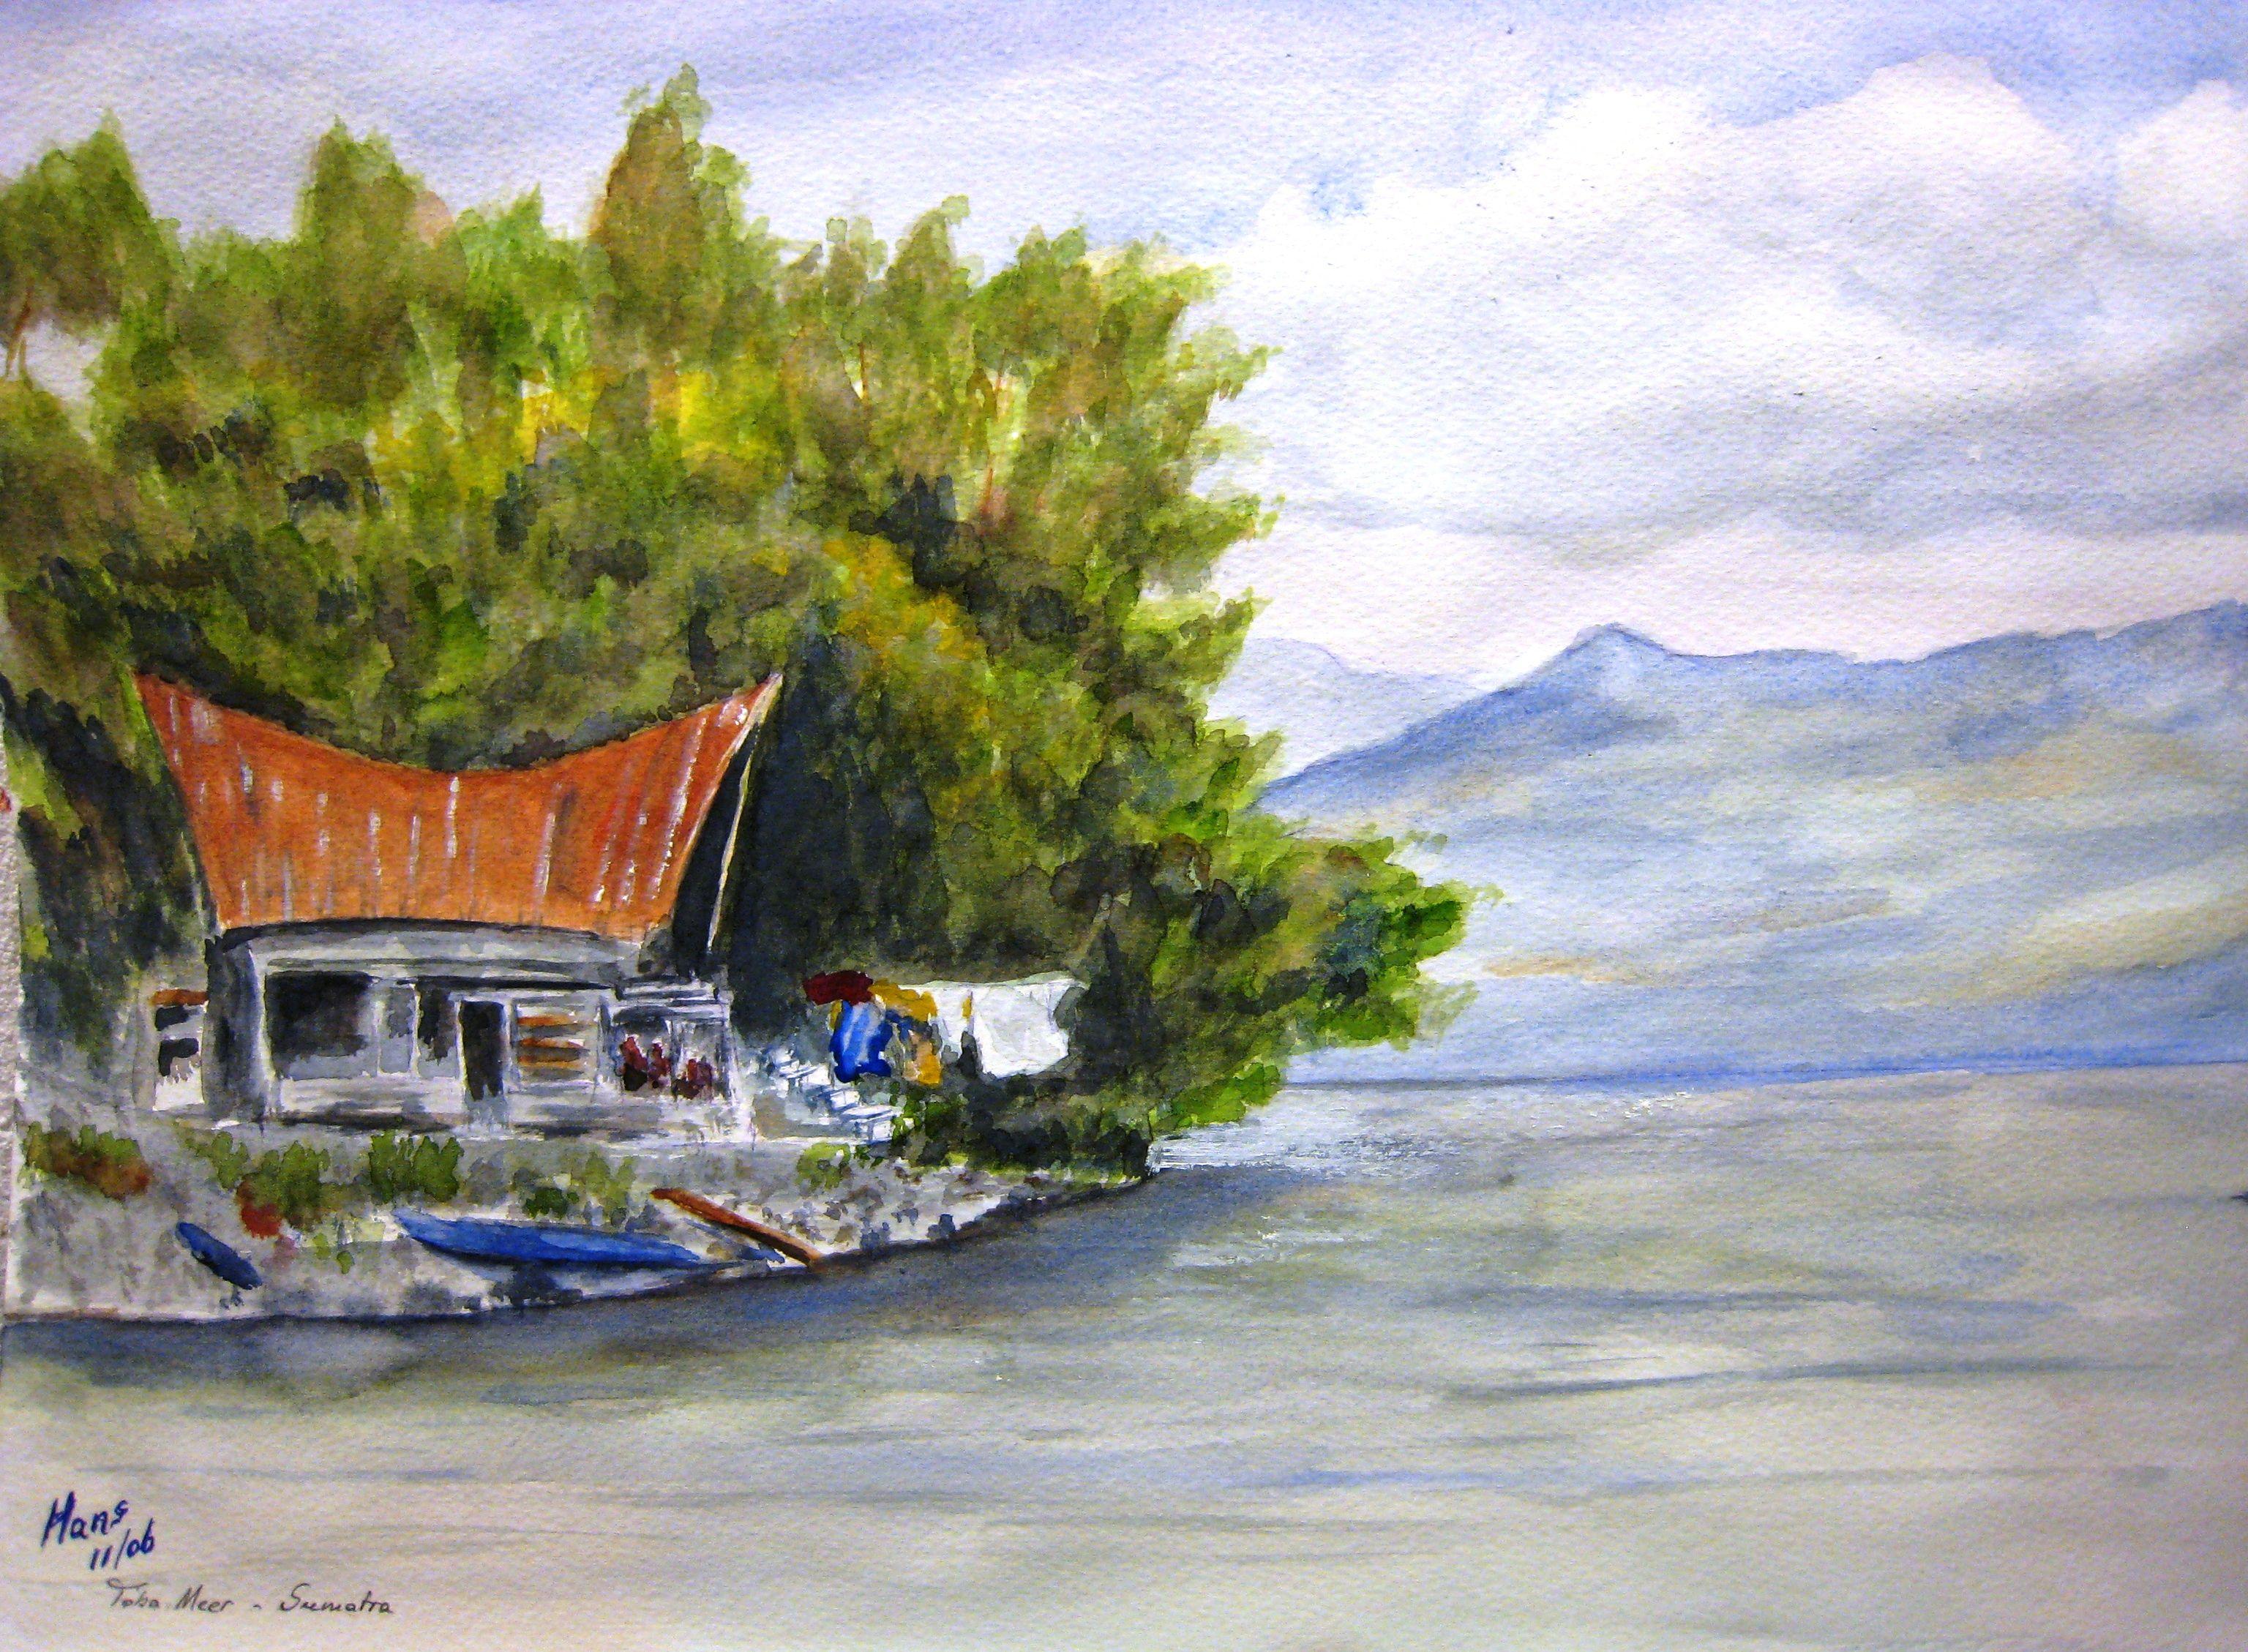 Aquarel Sfeerplaatje Van Het Tobameer Op Sumatra Indonesie Door Hans J Sitters Aquarel Schilderij Indonesie